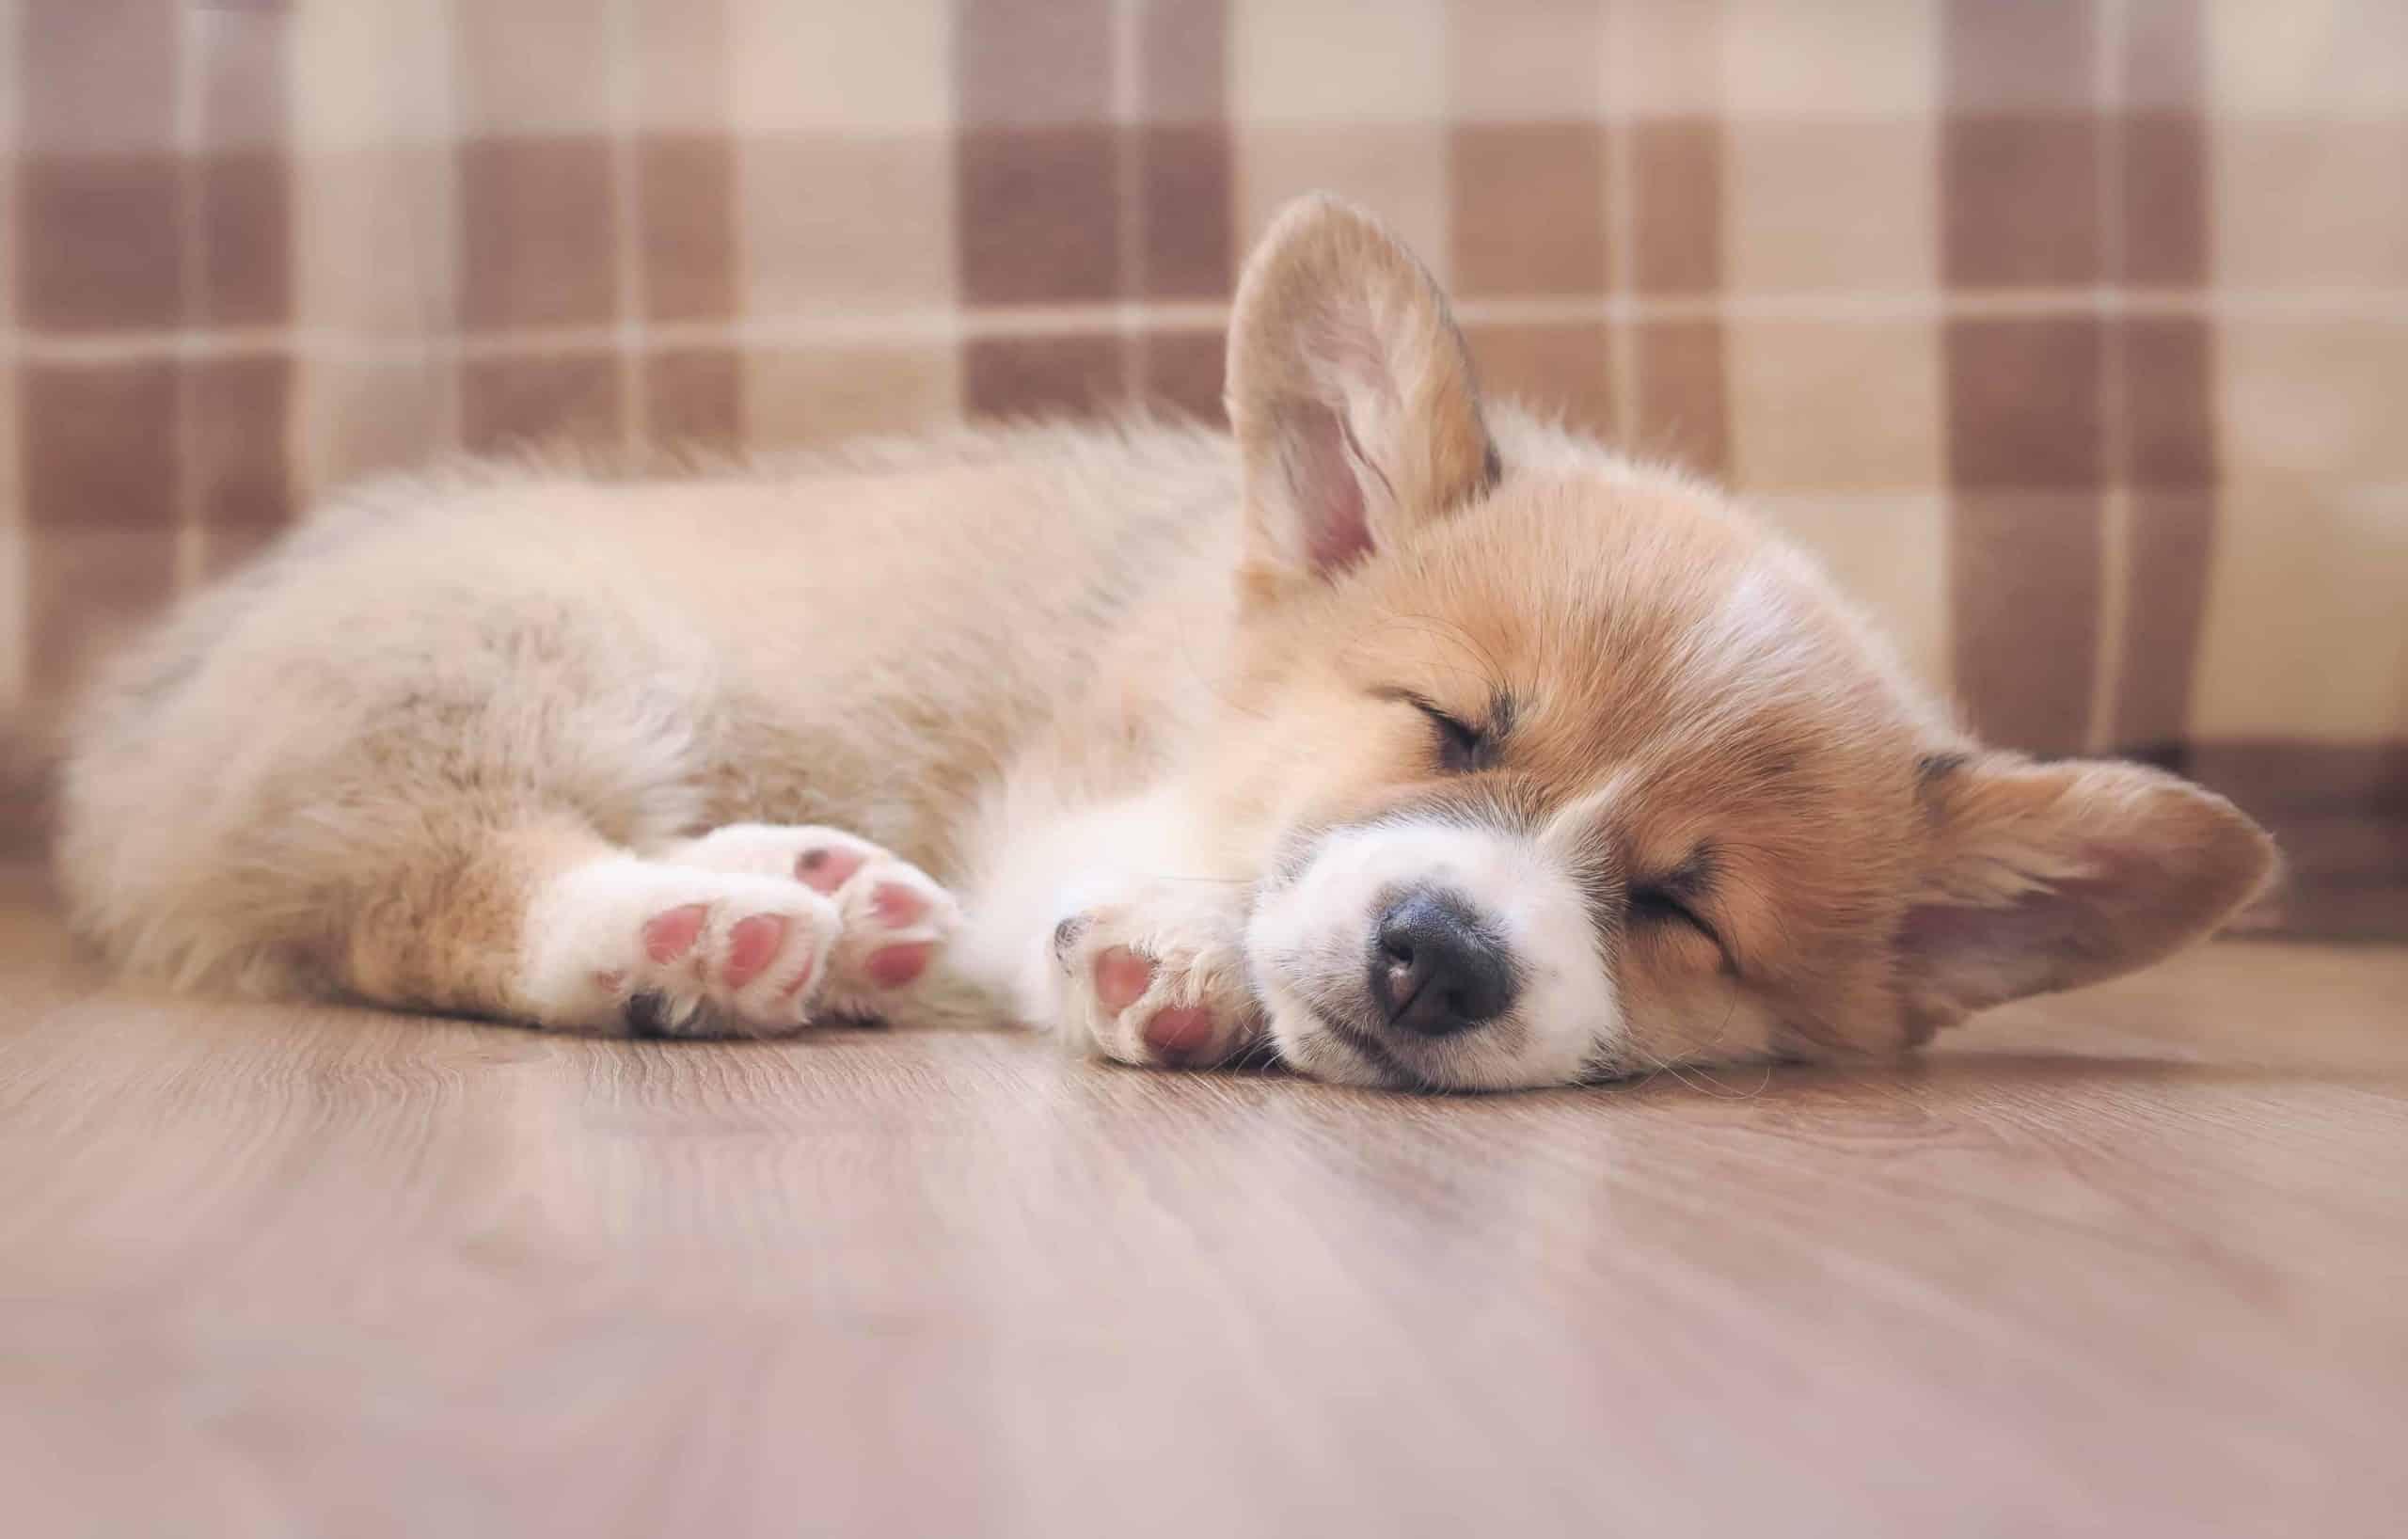 Corgi puppy sleeps on engineered hardwood floor. Engineered hardwood floors are one of five dog-friendly flooring options.